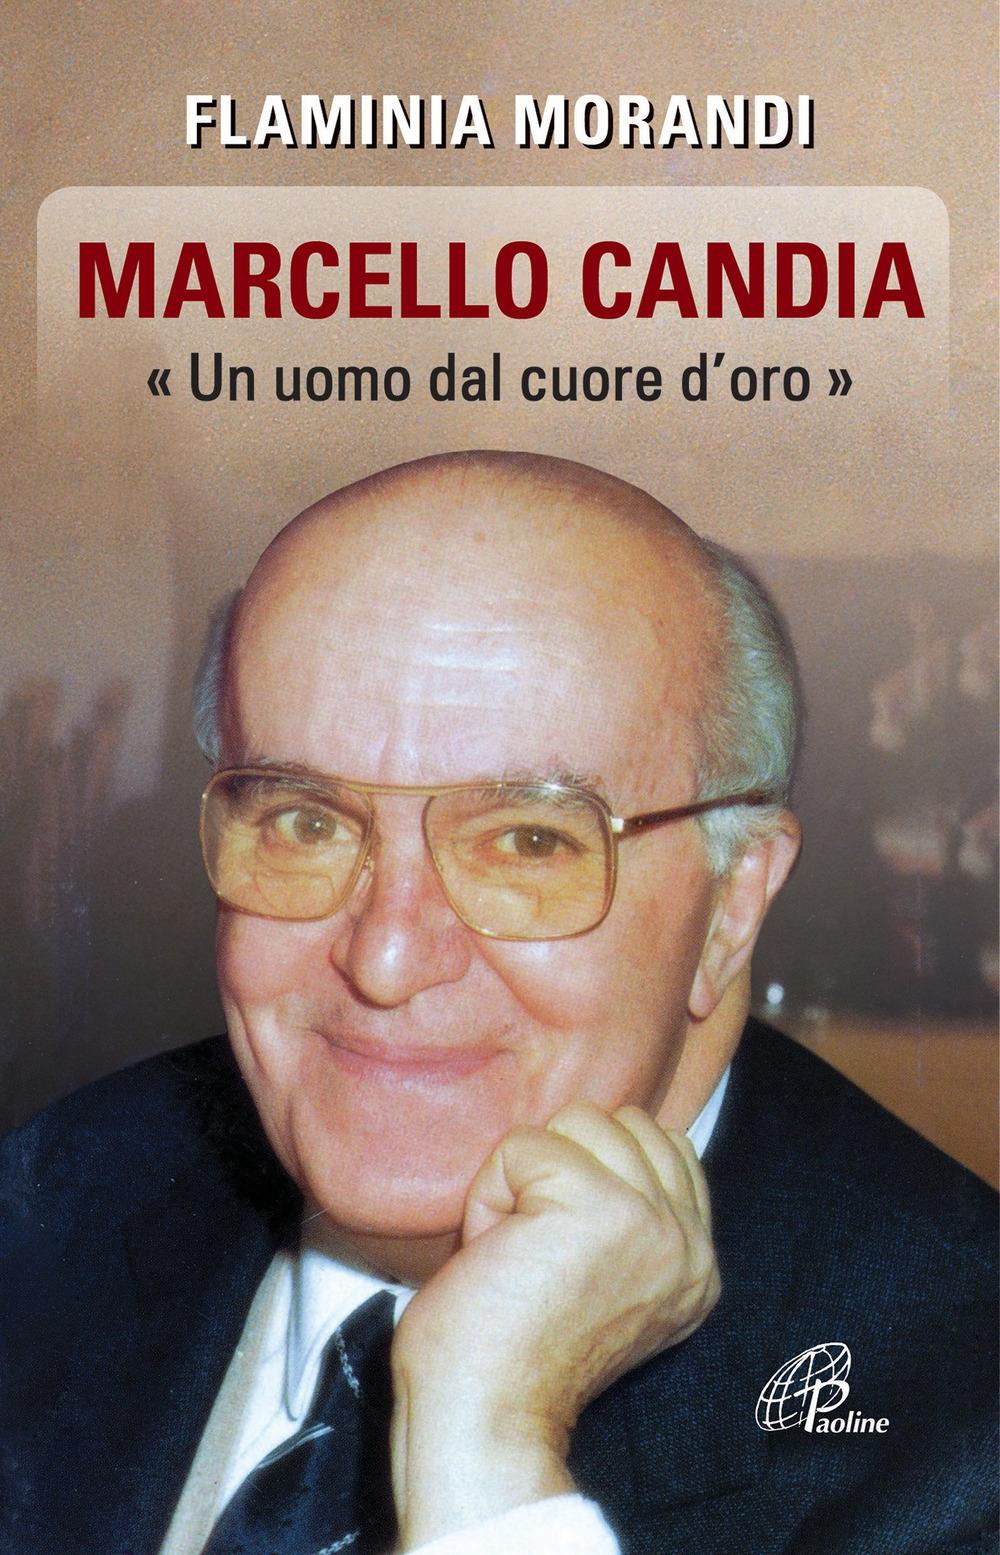 Marcello Candia.